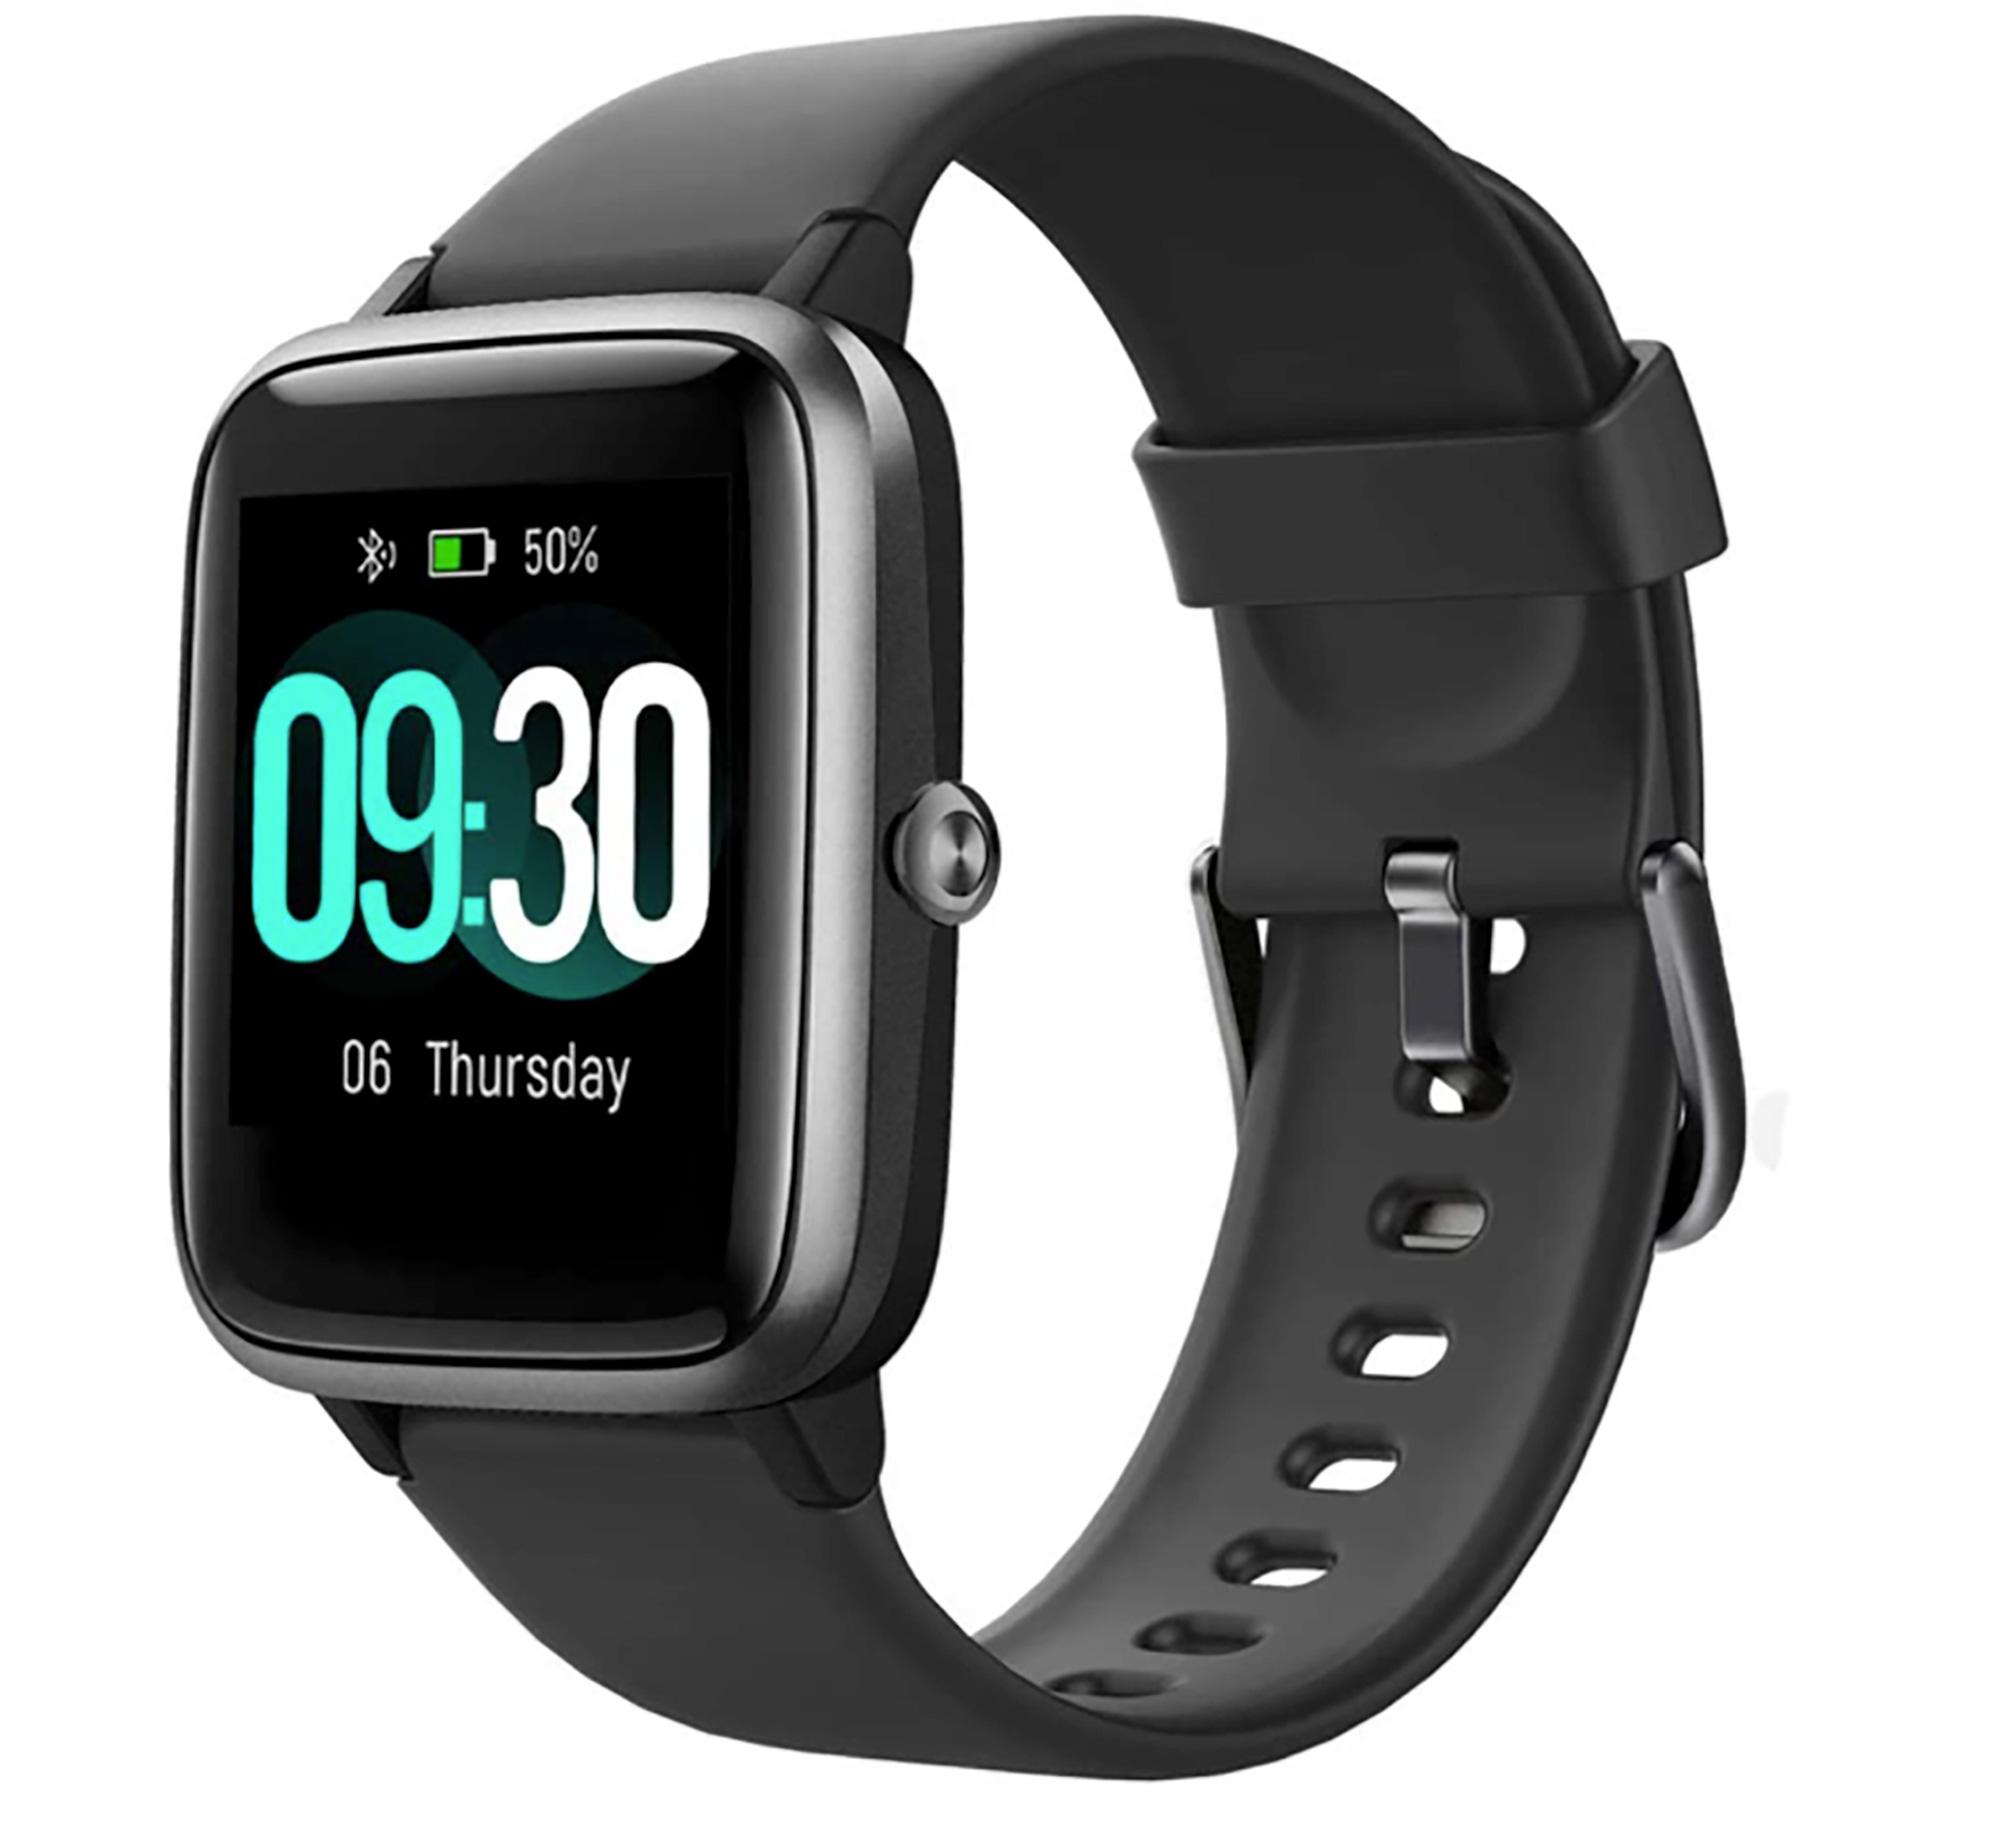 ¿Pueden creer que este smart watch cueste menos de $50? Es resistente al agua, ayuda a llevar el conteo de pasos, registra 14 diferentes tipos de actividades físicas, puede monitorear cómo duermes y tu ritmo cardíaco, además de ser compatible con los sistemas operativos de iOS y Android.